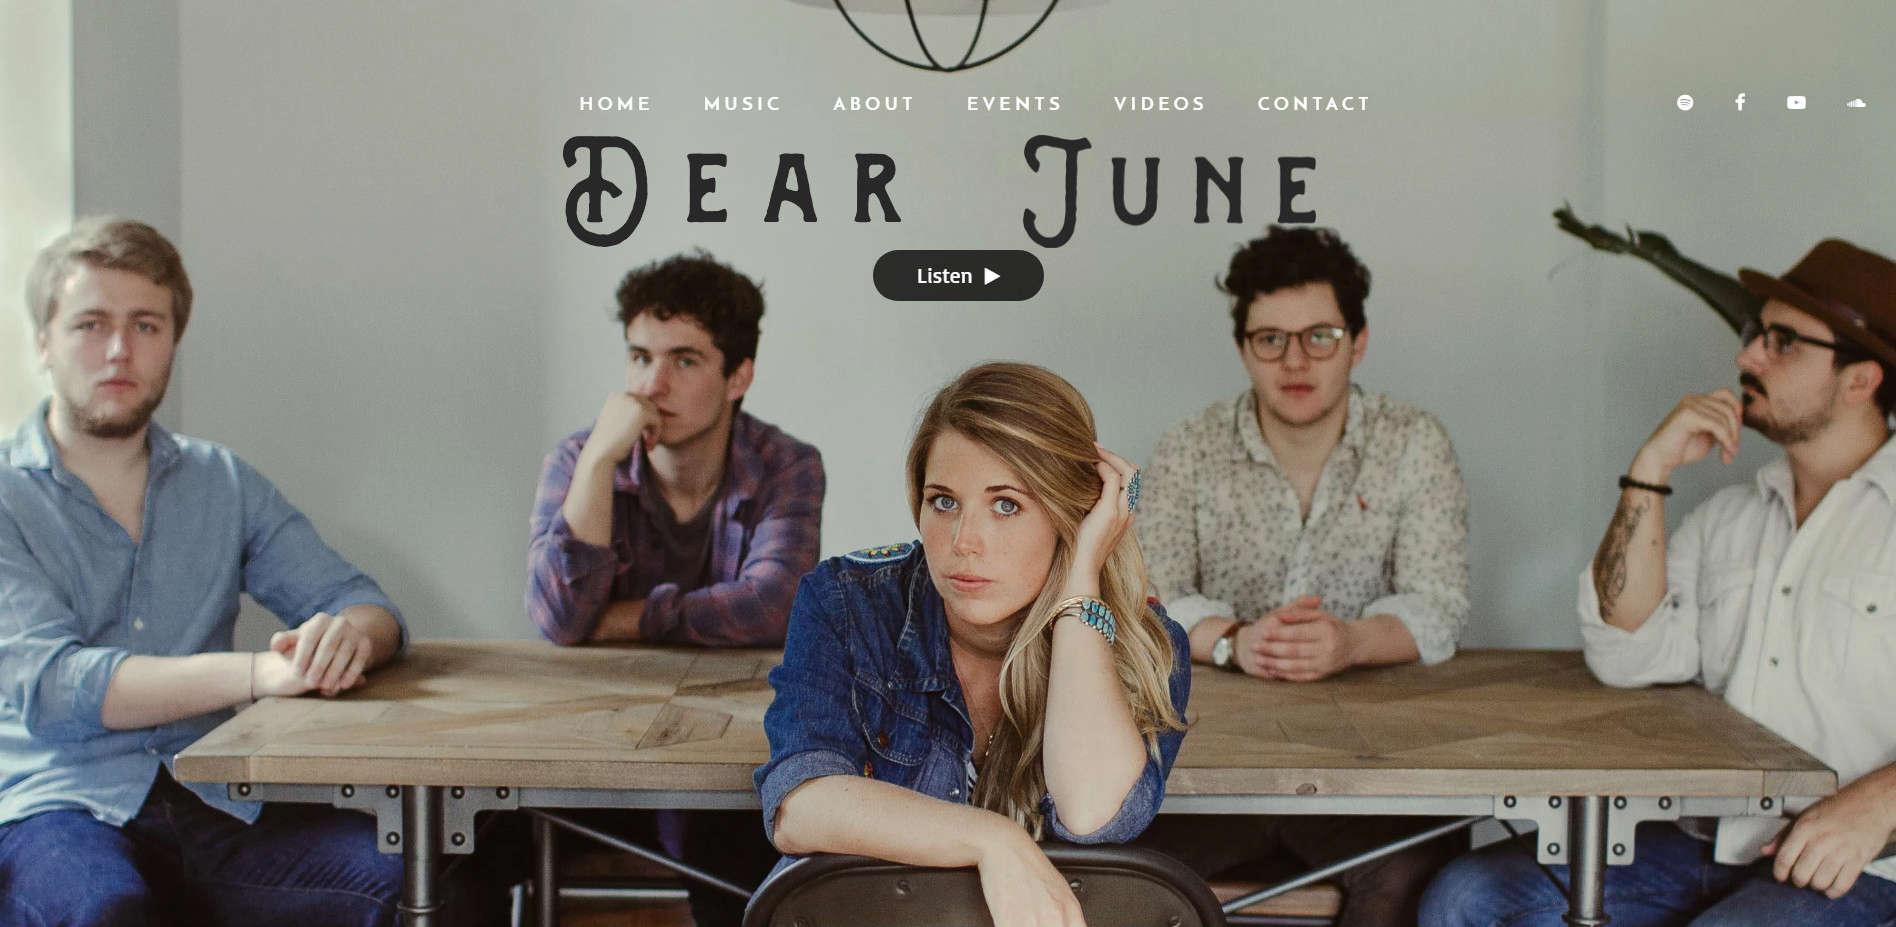 Уеб сайт на Dear june